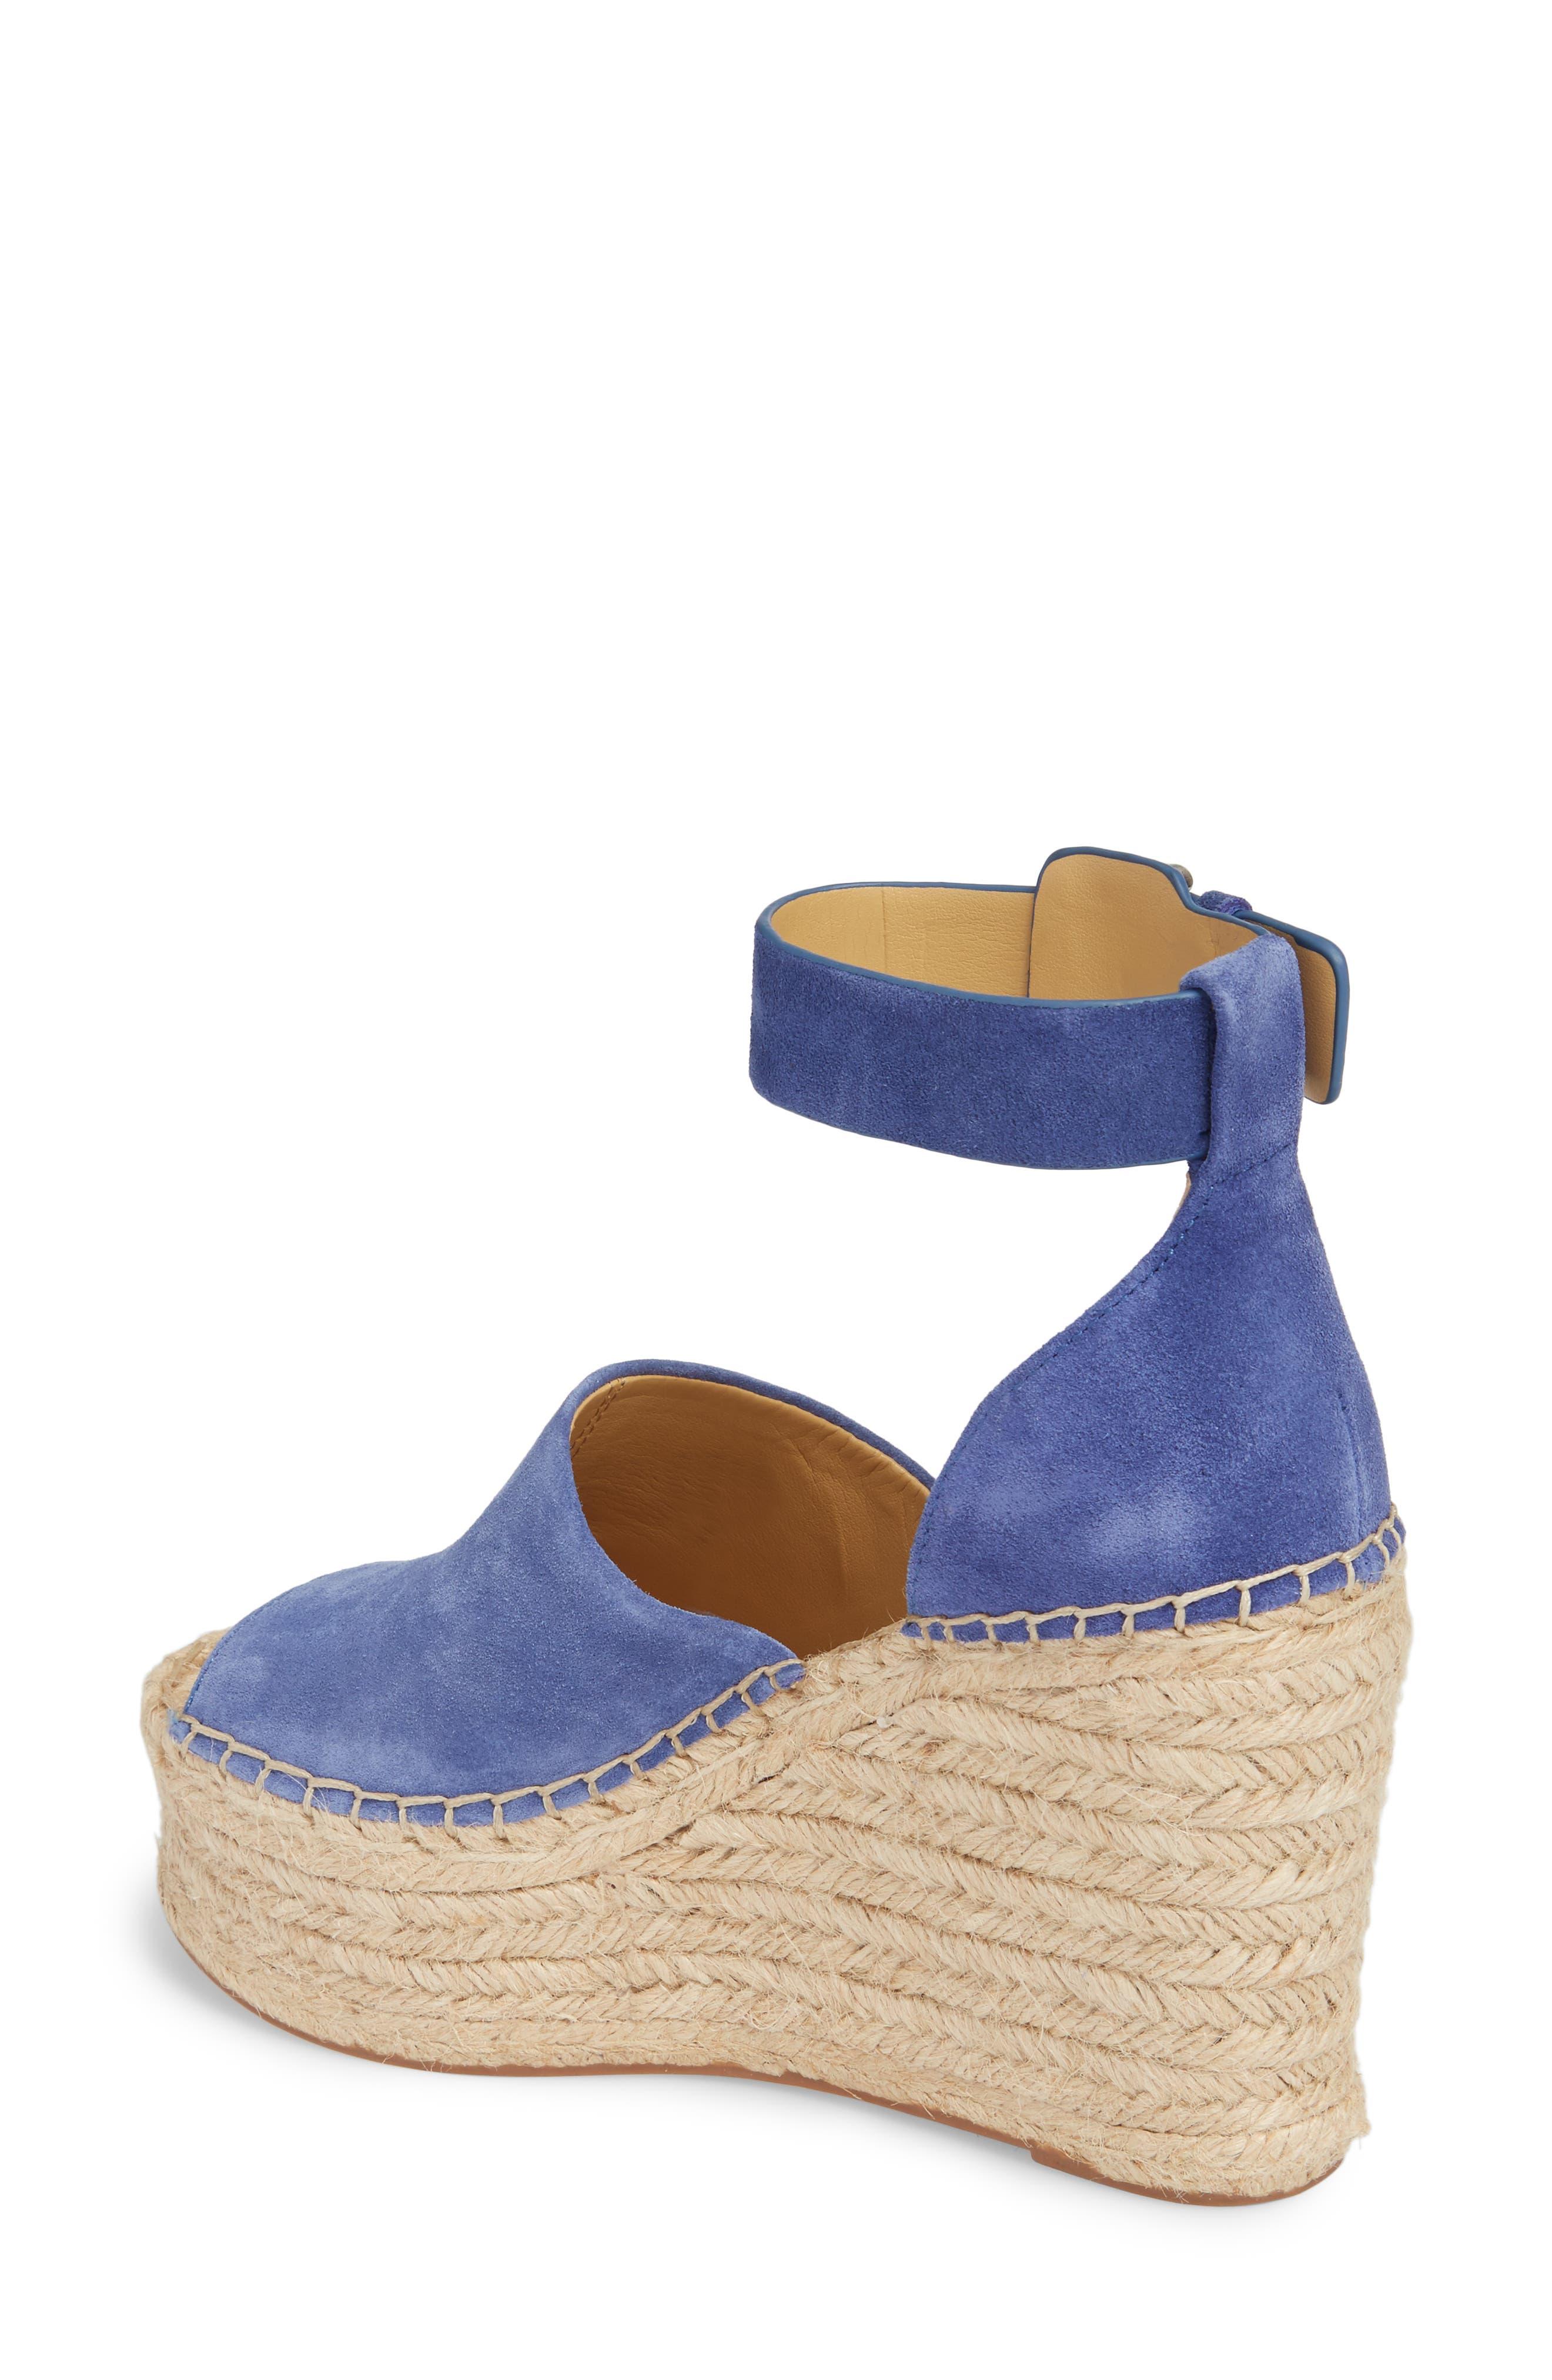 Adalyn Espadrille Wedge Sandal,                             Alternate thumbnail 2, color,                             BLUE SUEDE